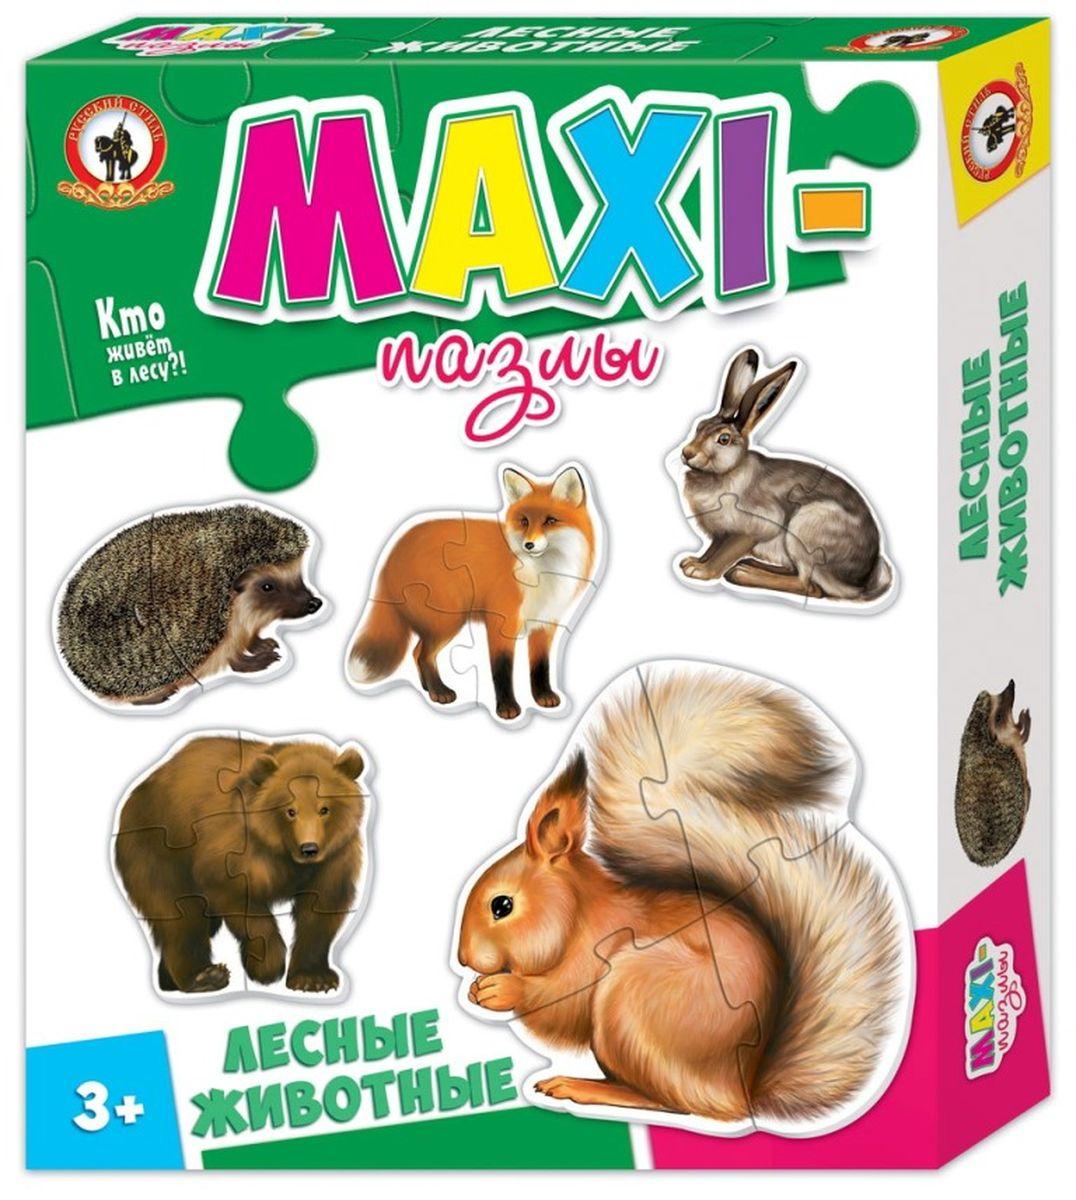 Русский стиль Макси пазлы Лесные животные valco baby snap spice